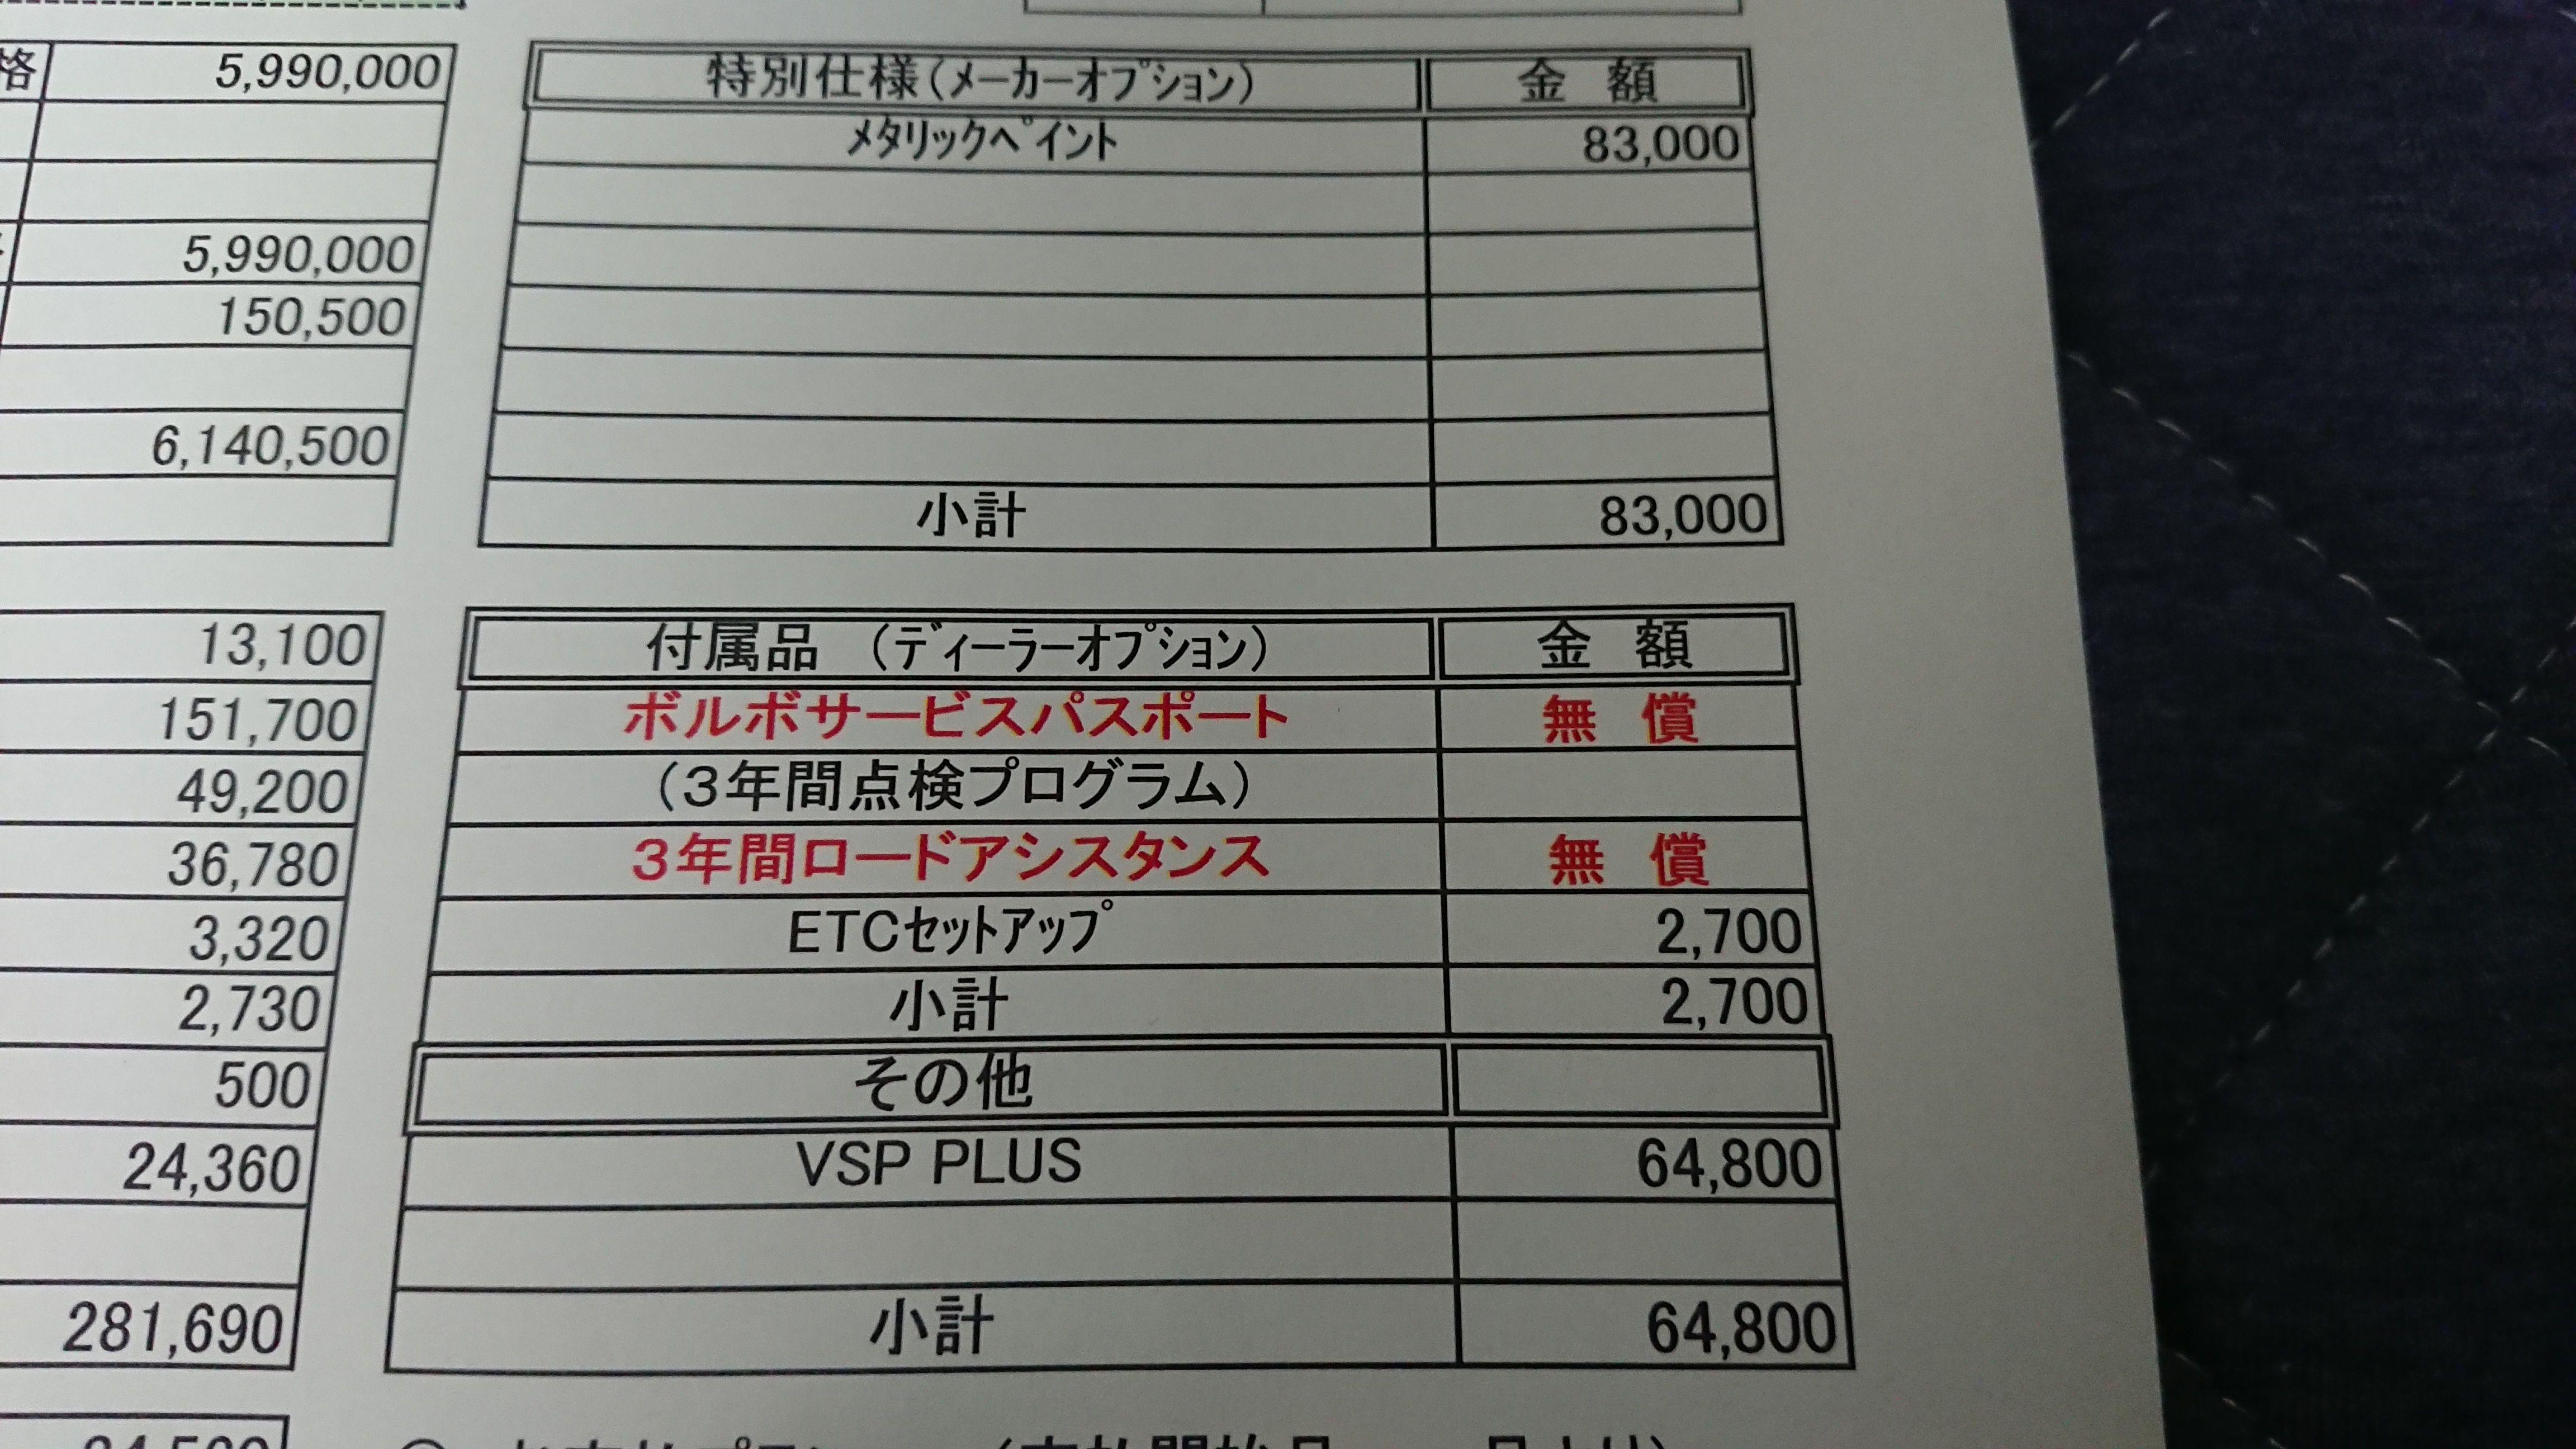 V6047.jpg